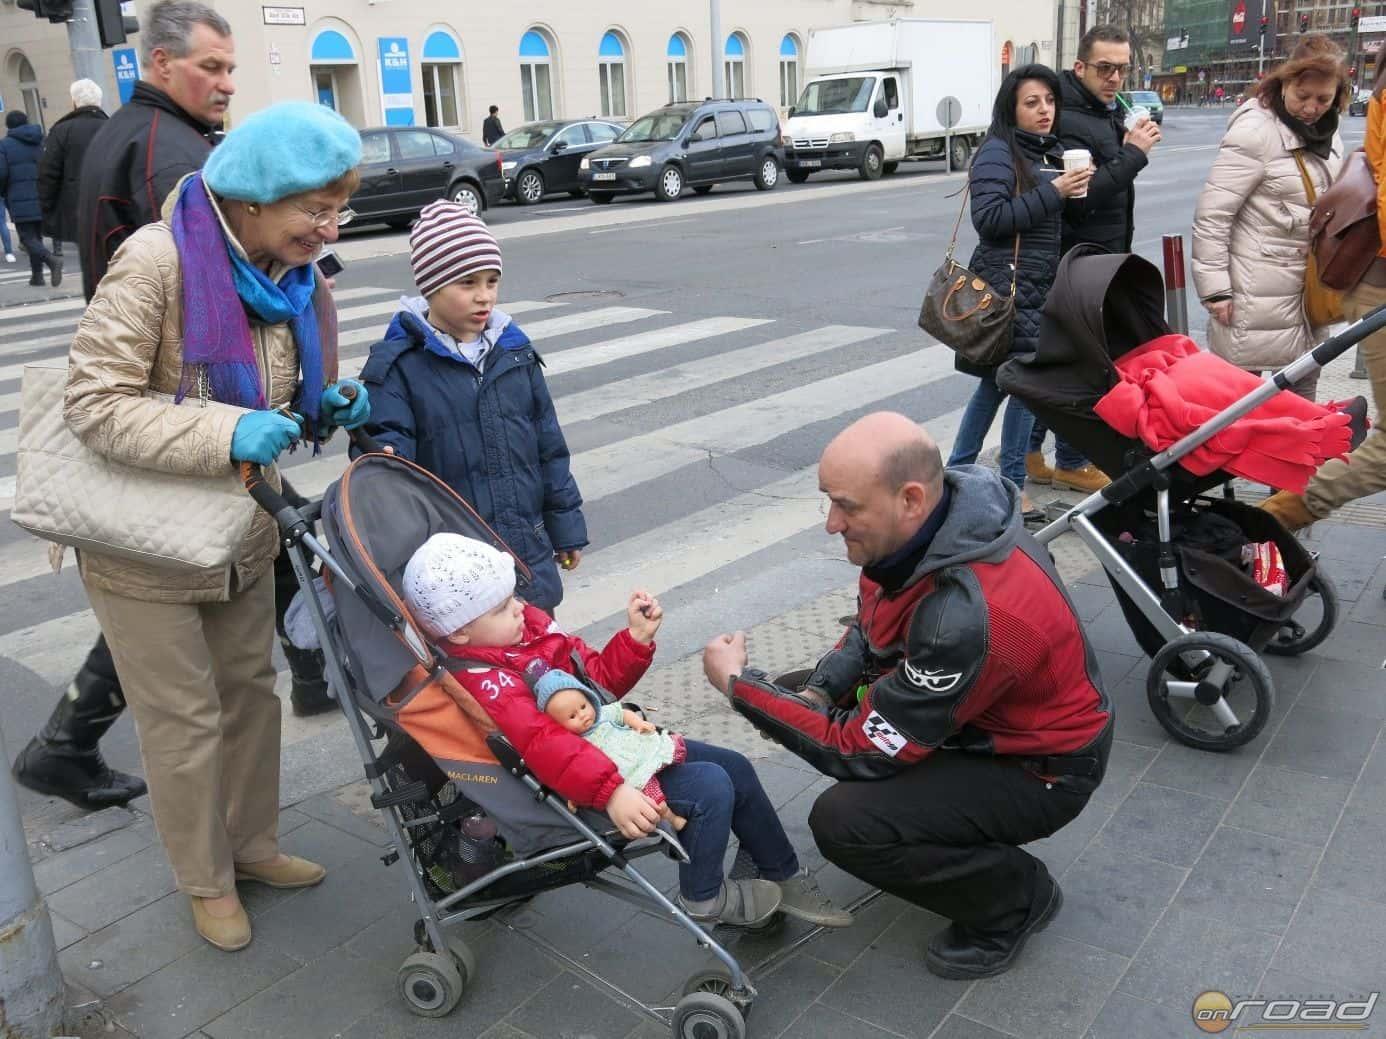 A járókelők általában nagyon meglepődtek - de a gyerekek öröme határtalan és őszinte volt